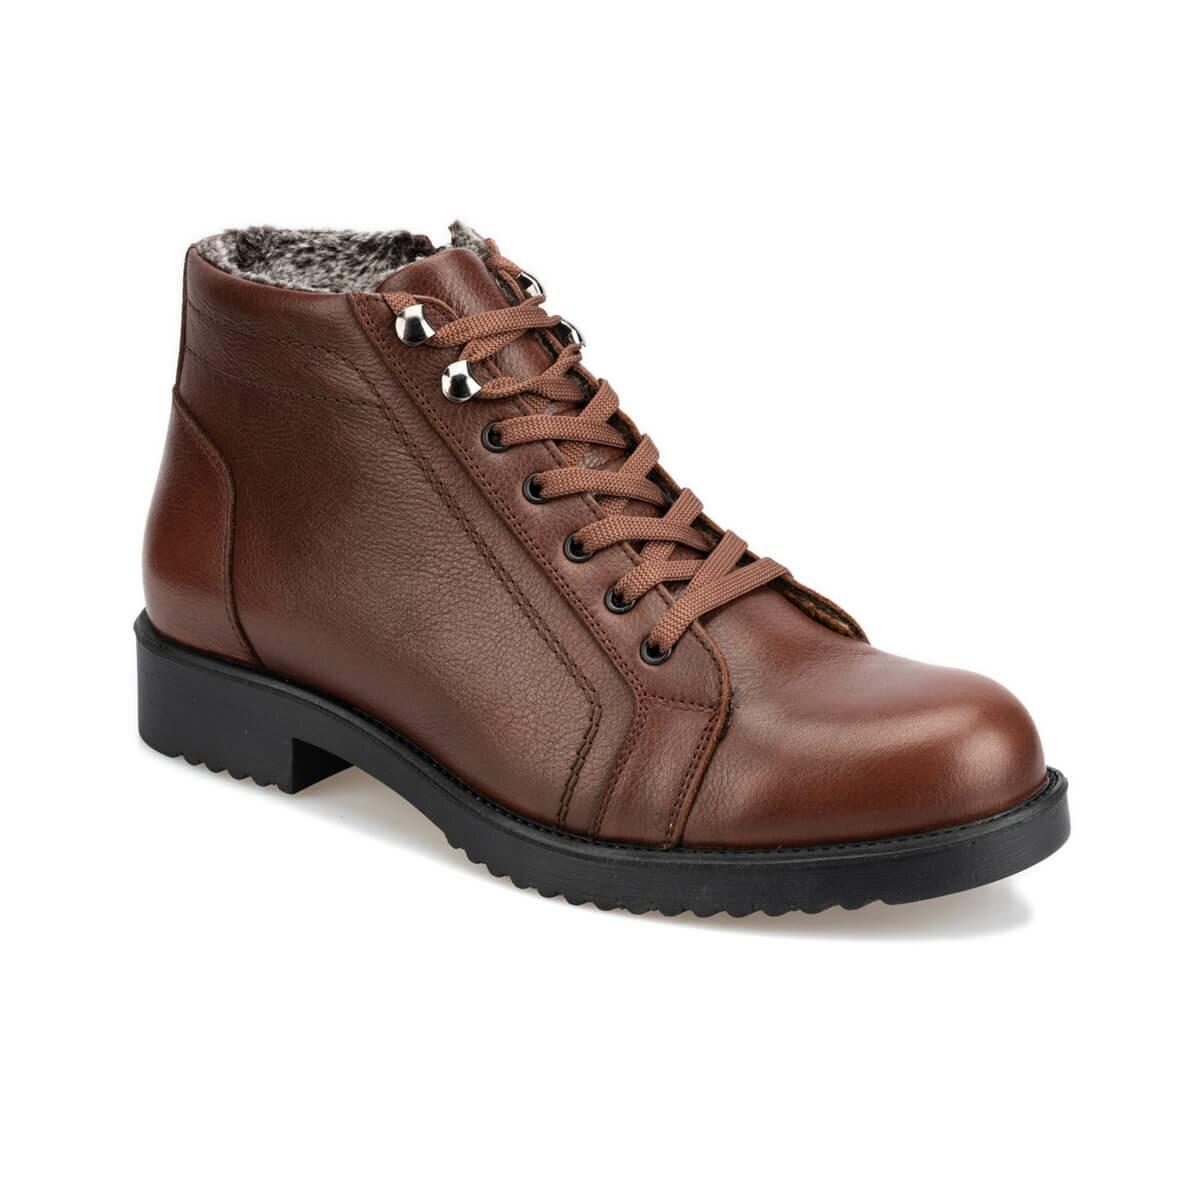 FLO Brown Black Men Boots Autumn Vinter Casual Leather Shoes Comfortable Durable Boots Мужские ботинки 92.110373.M Polaris 5 Nokta